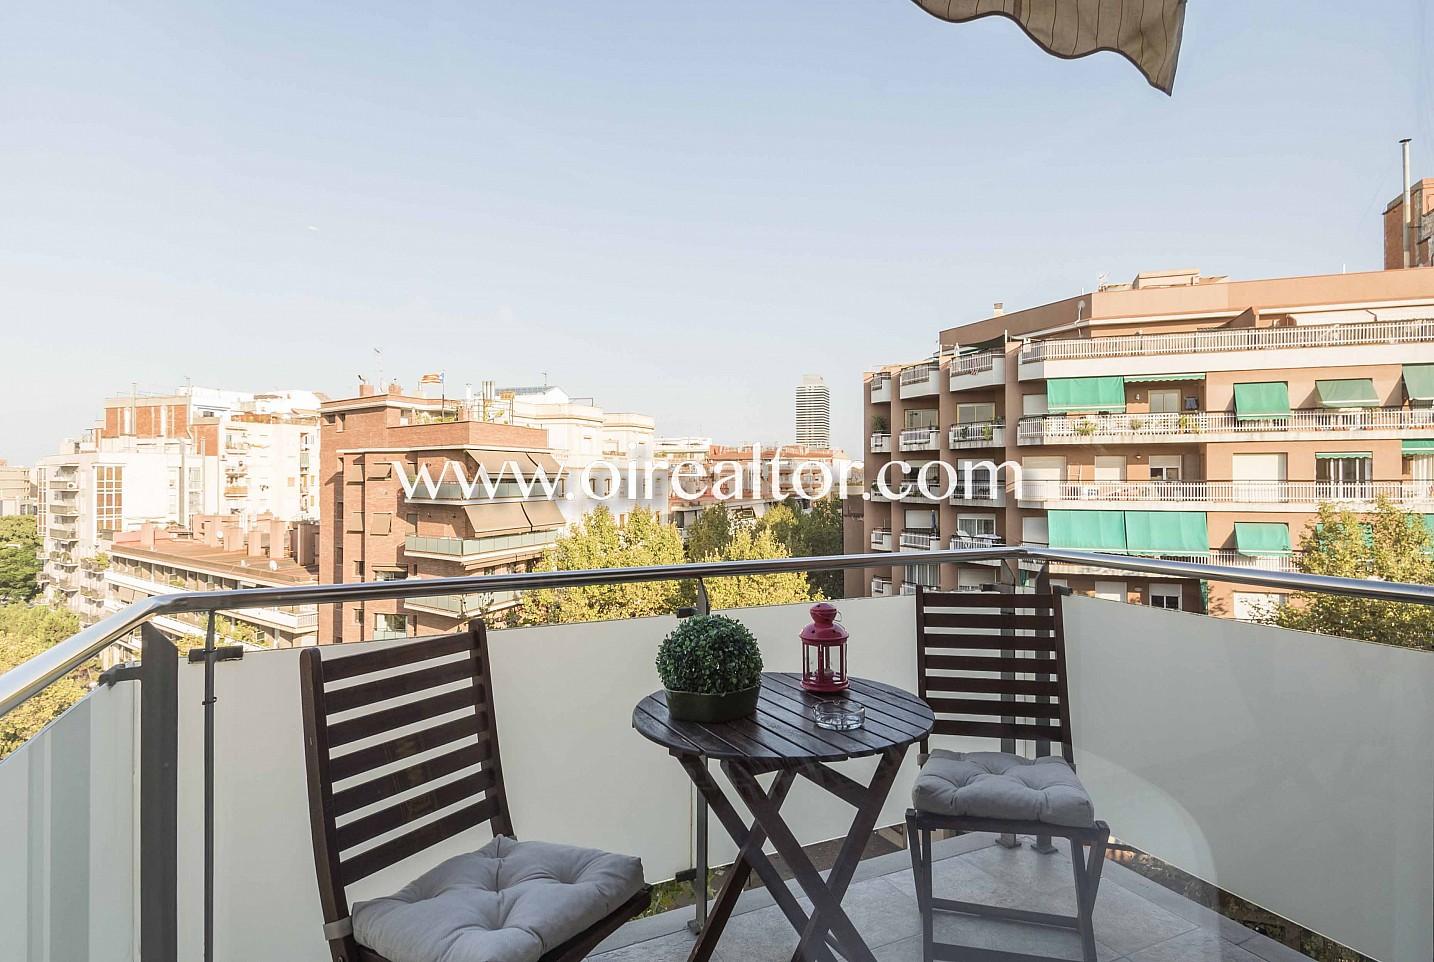 terraza, balcón, balcón con vistas, terraza con vistas, vistas a la calle, vistas a la ciudad, vistas